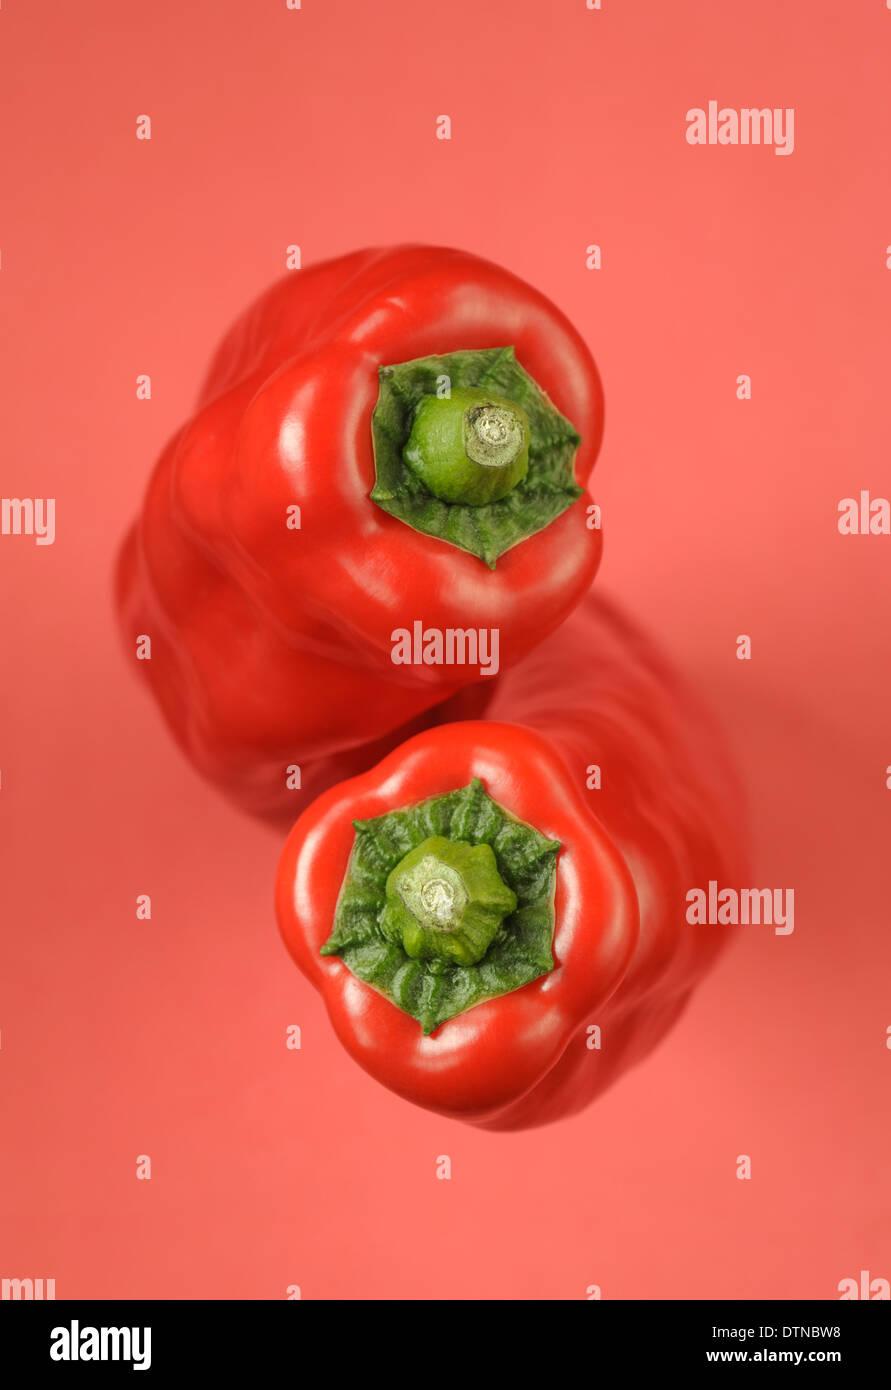 Zwei rote Paprika auf rotem Grund Stockbild